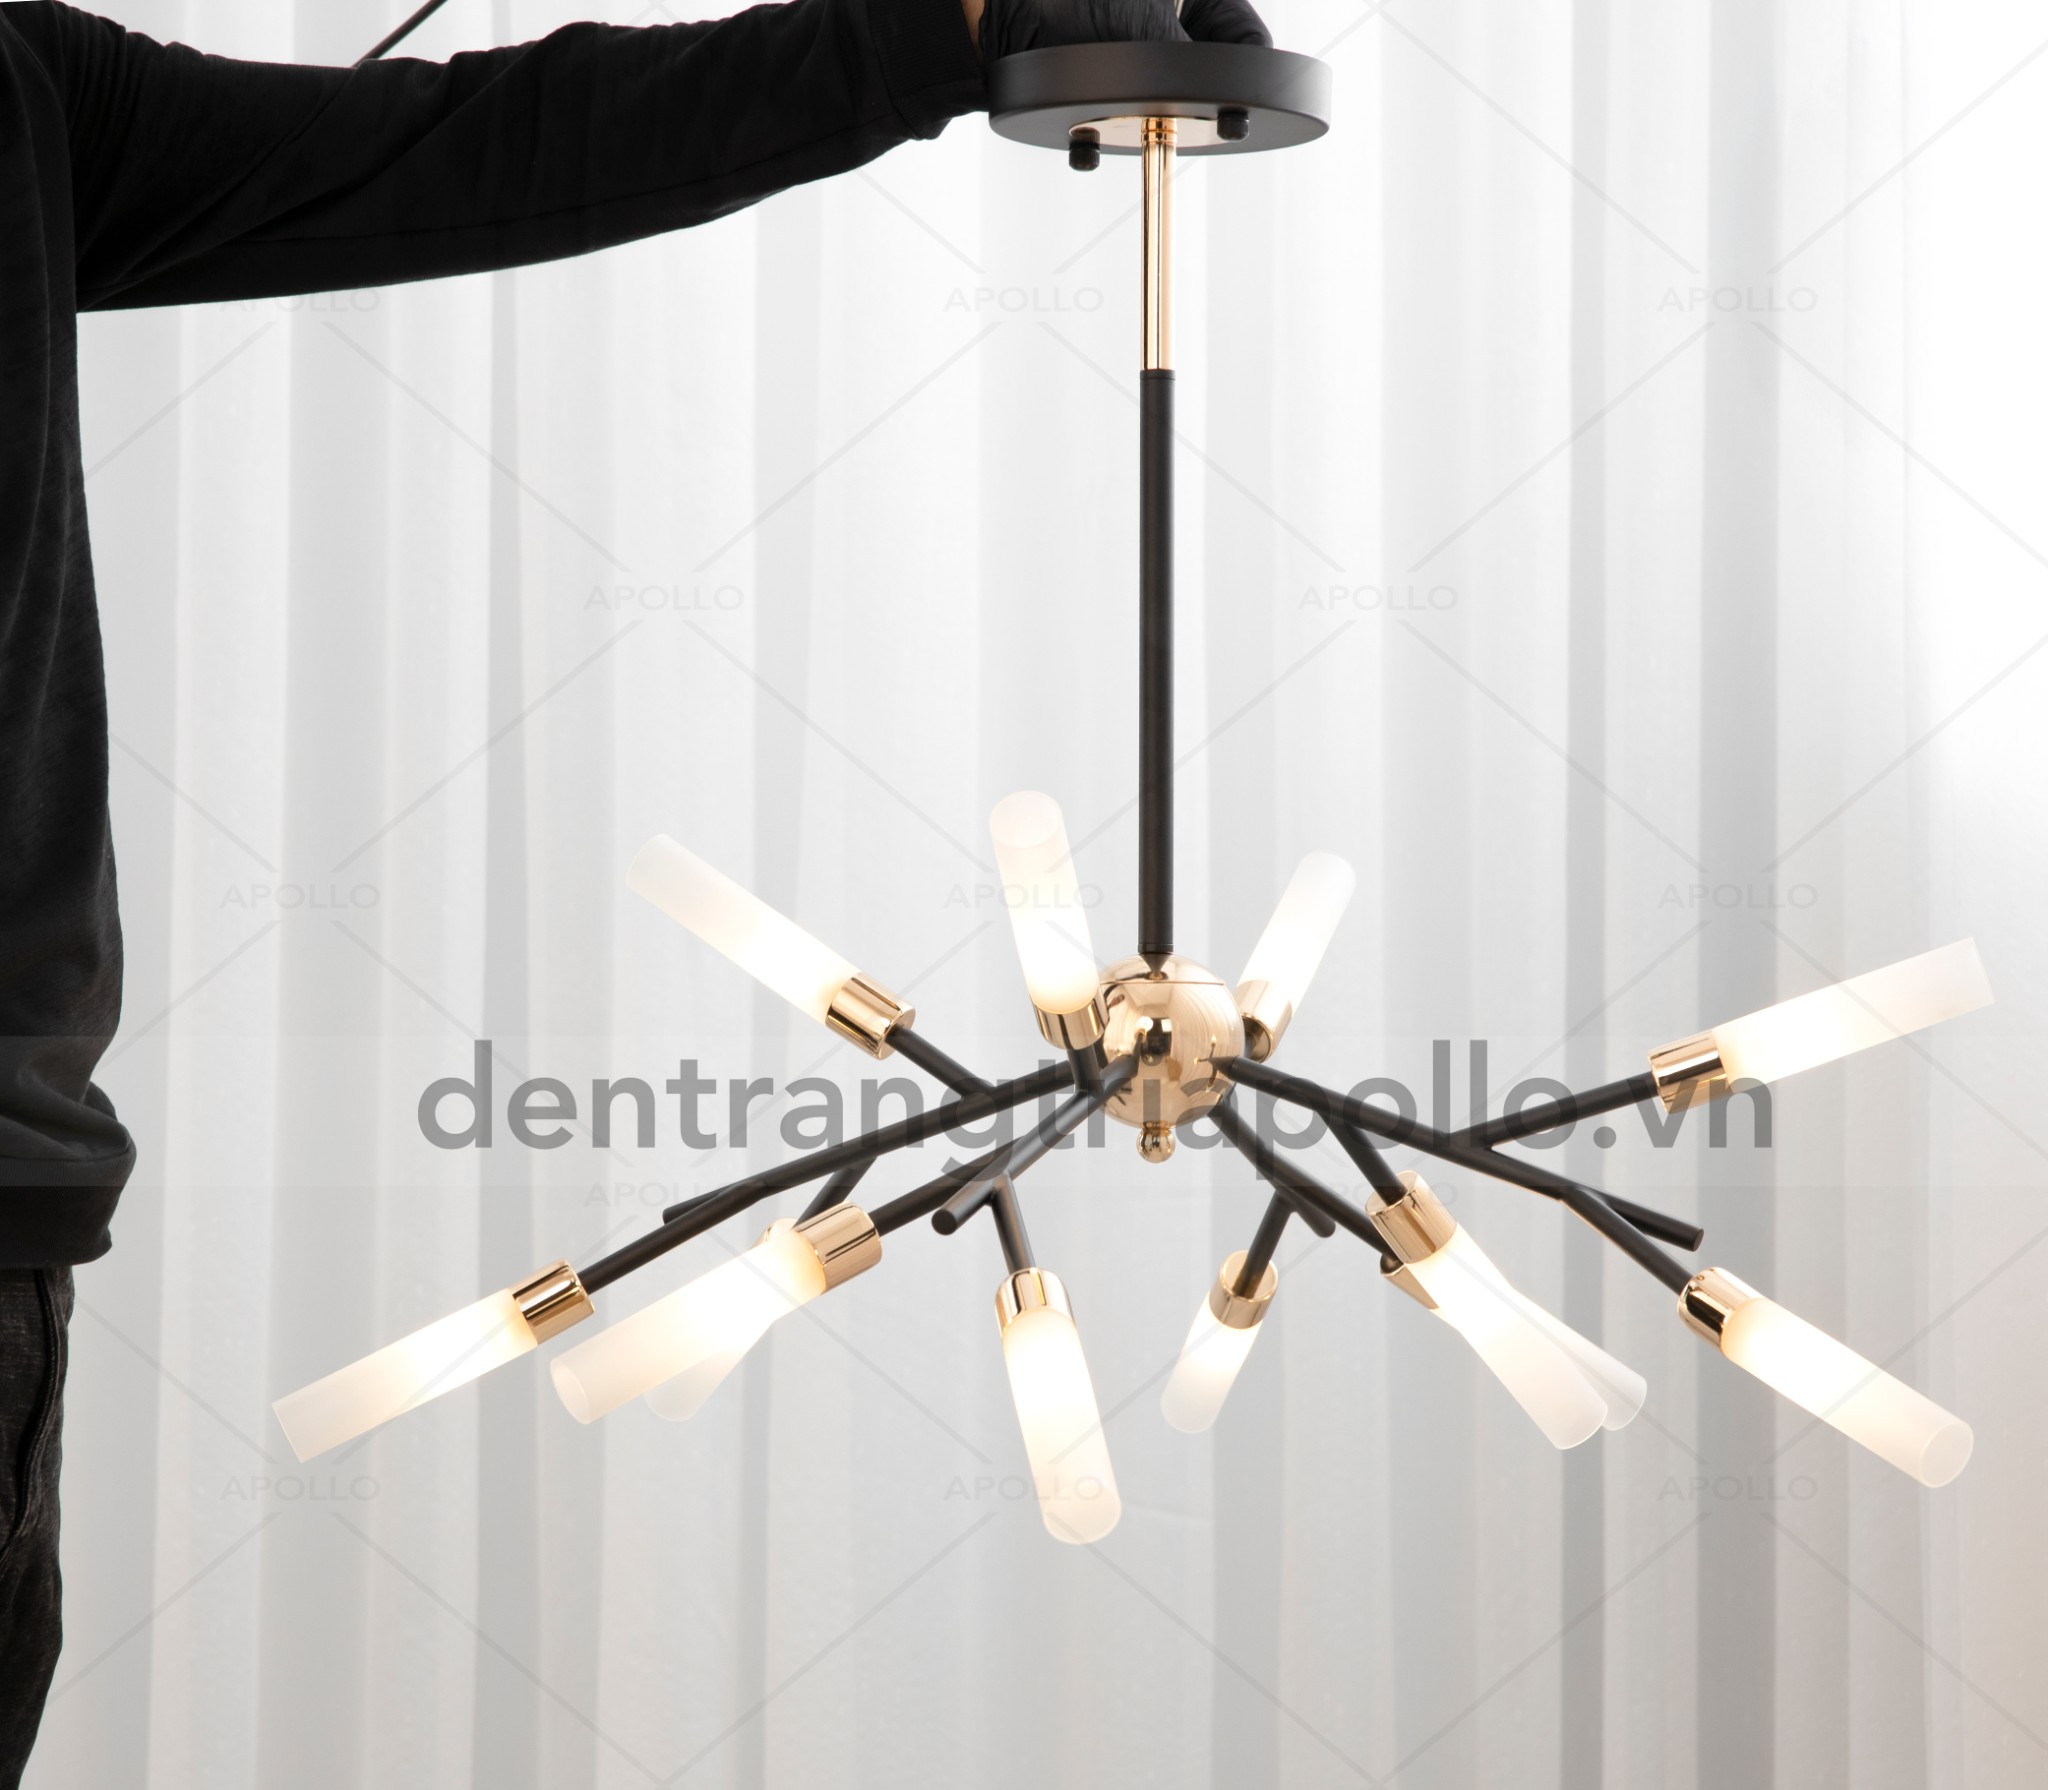 đèn chùm đốt mía